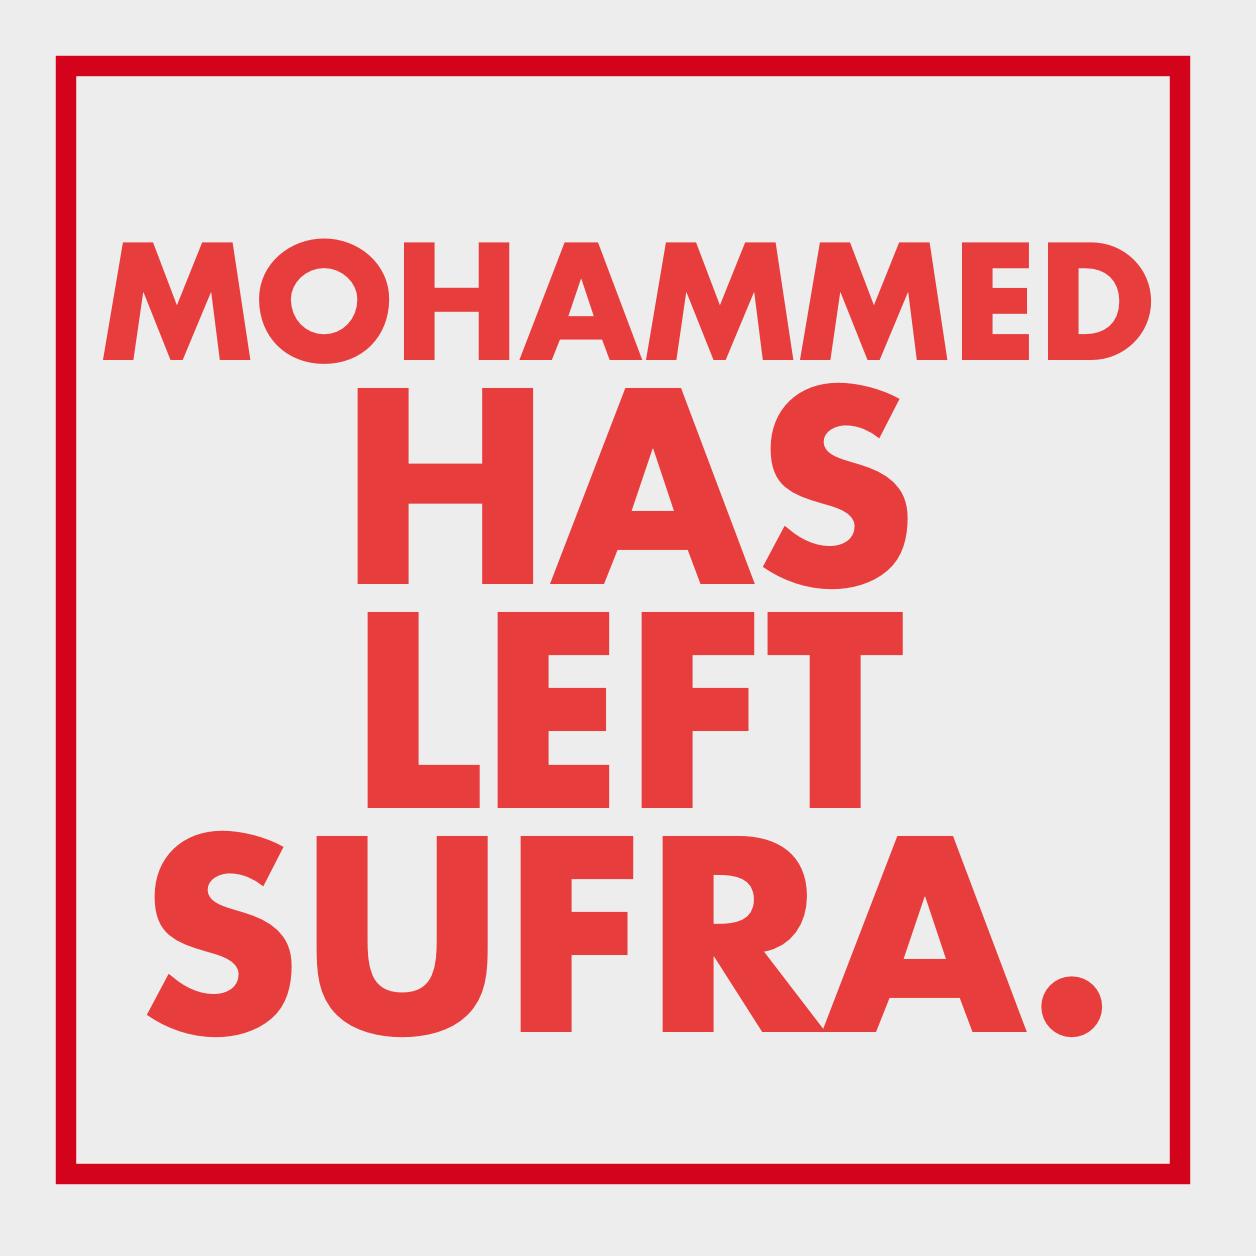 Mohammed Has Left Sufra.